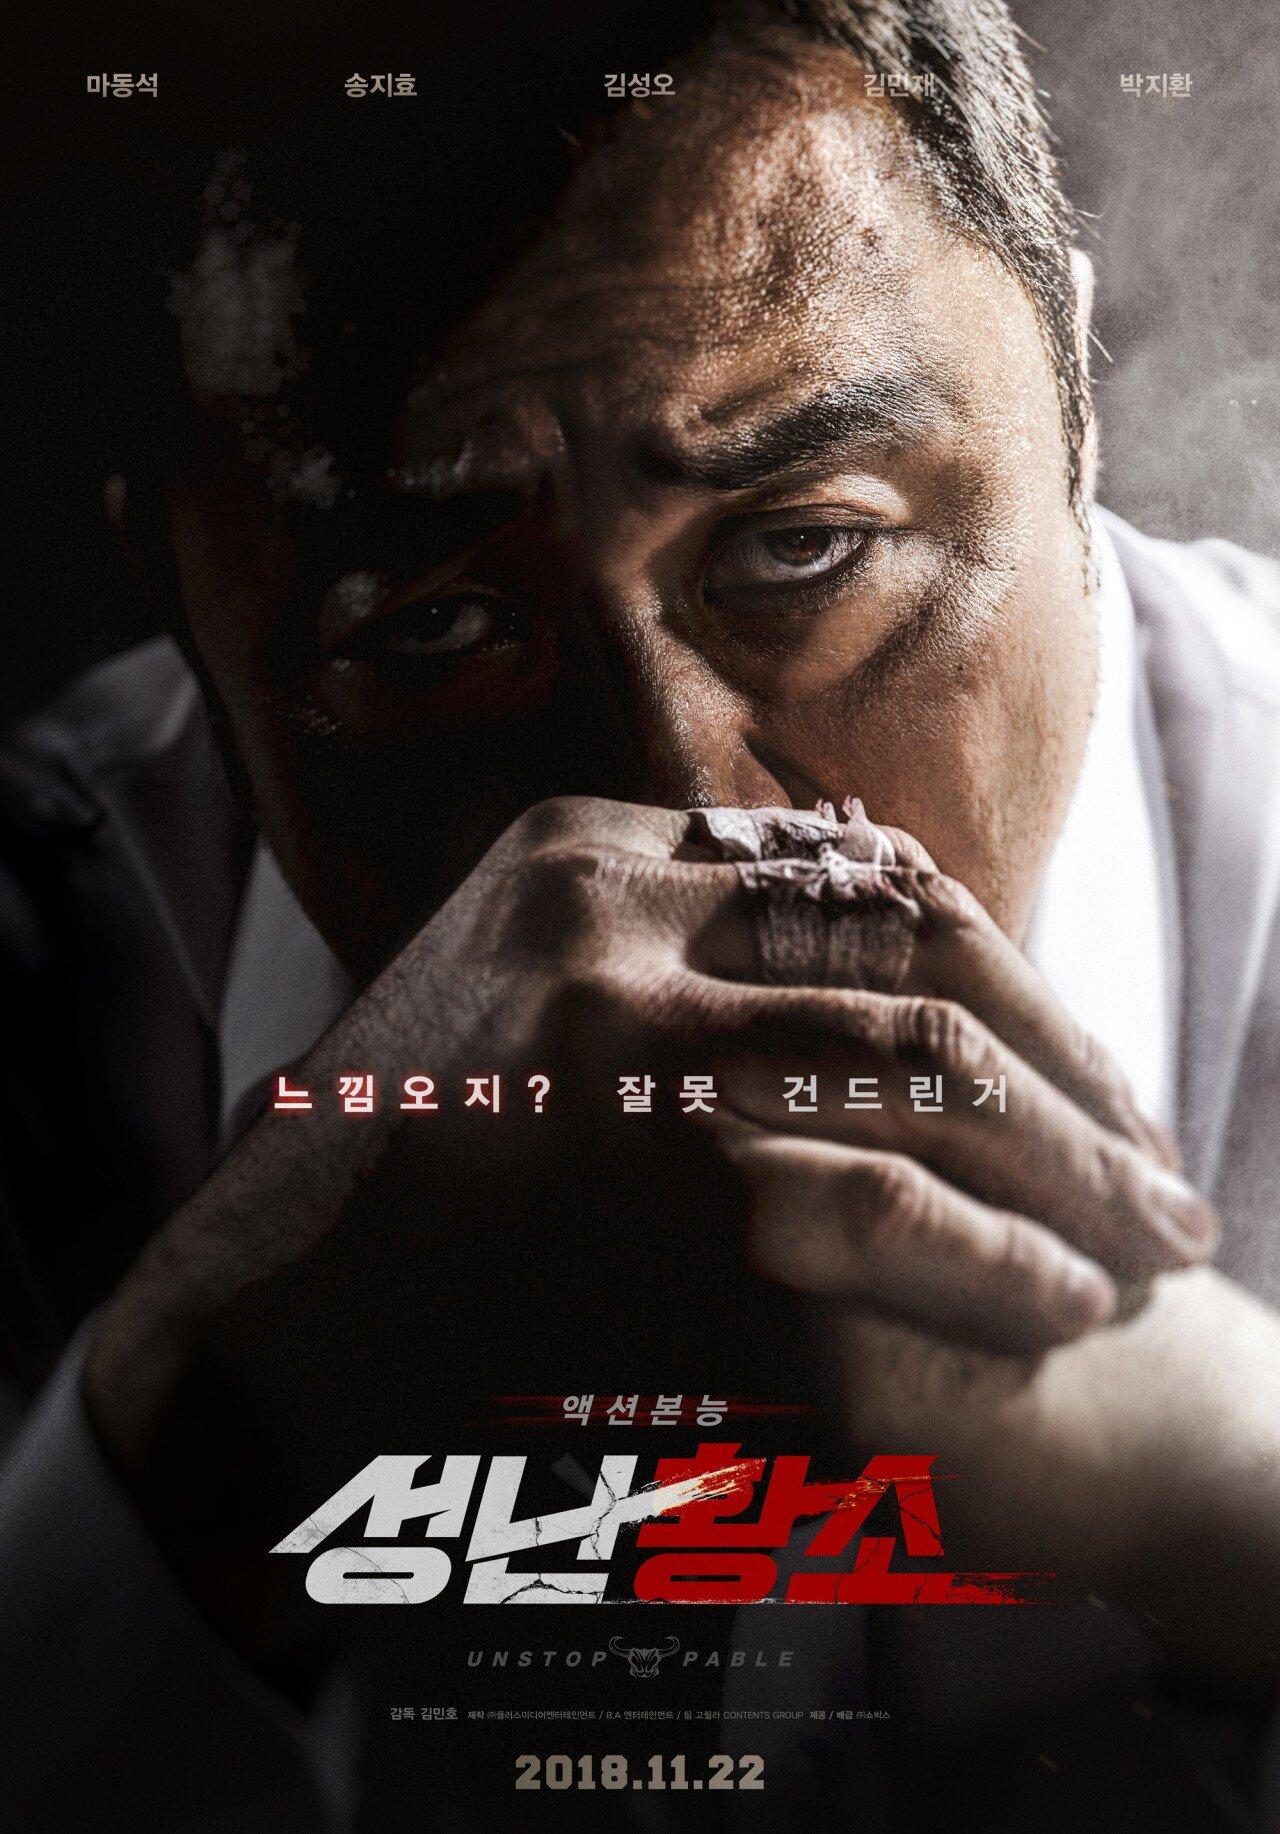 81332_1000.jpg 곧 개봉하는 마동석 새 영화